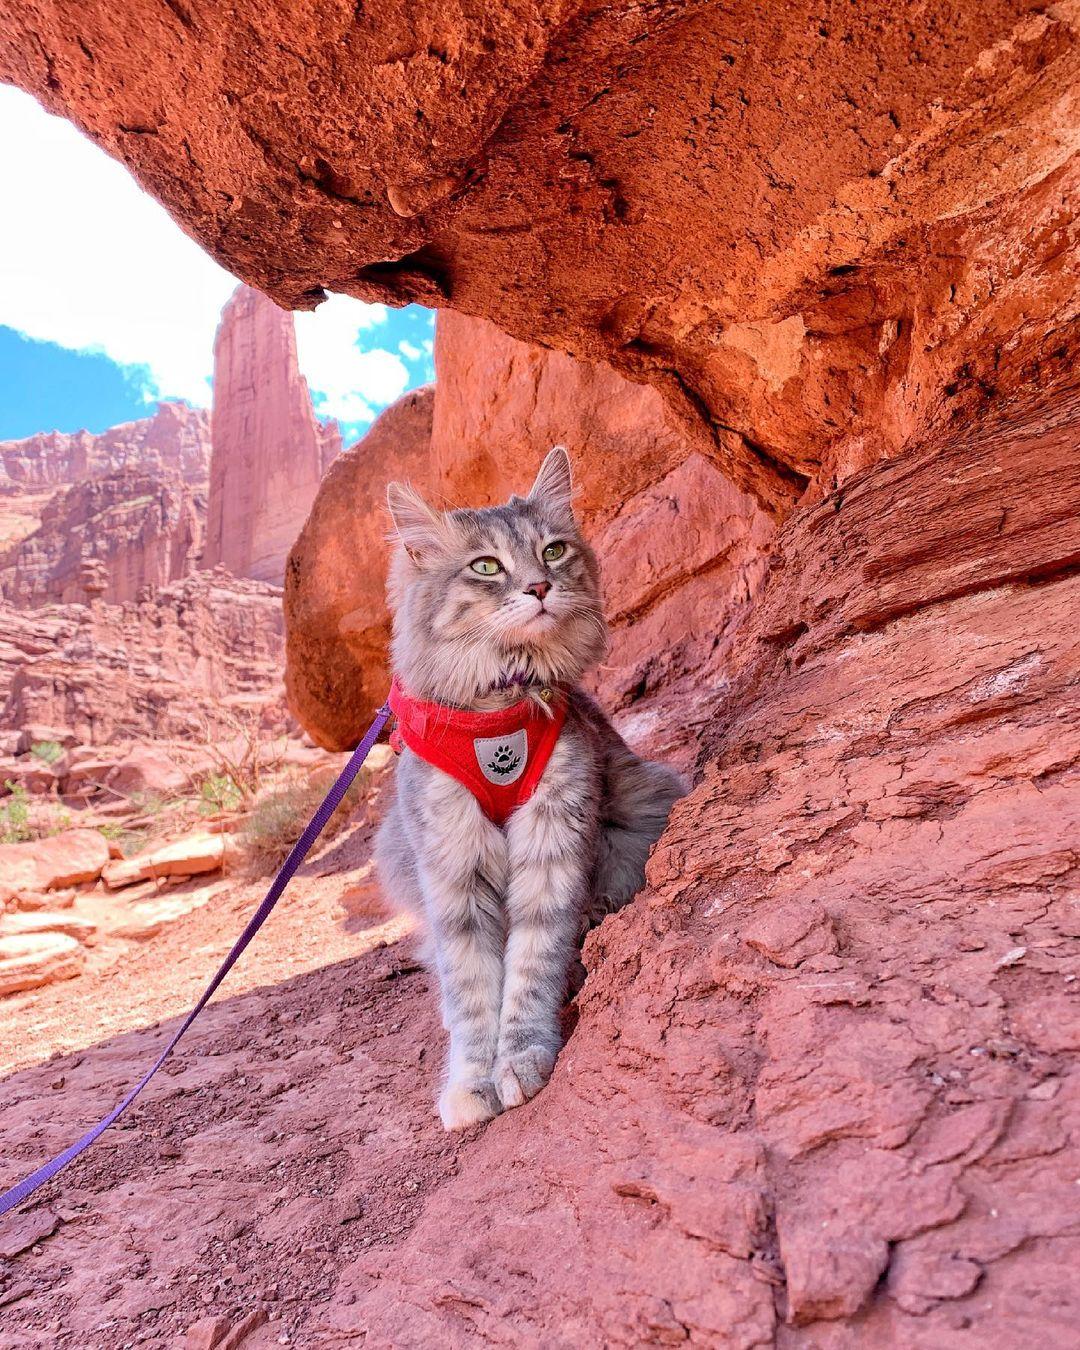 Mèo Manx - Chú mèo cụt đuôi ngộ nghĩnh không sợ nước